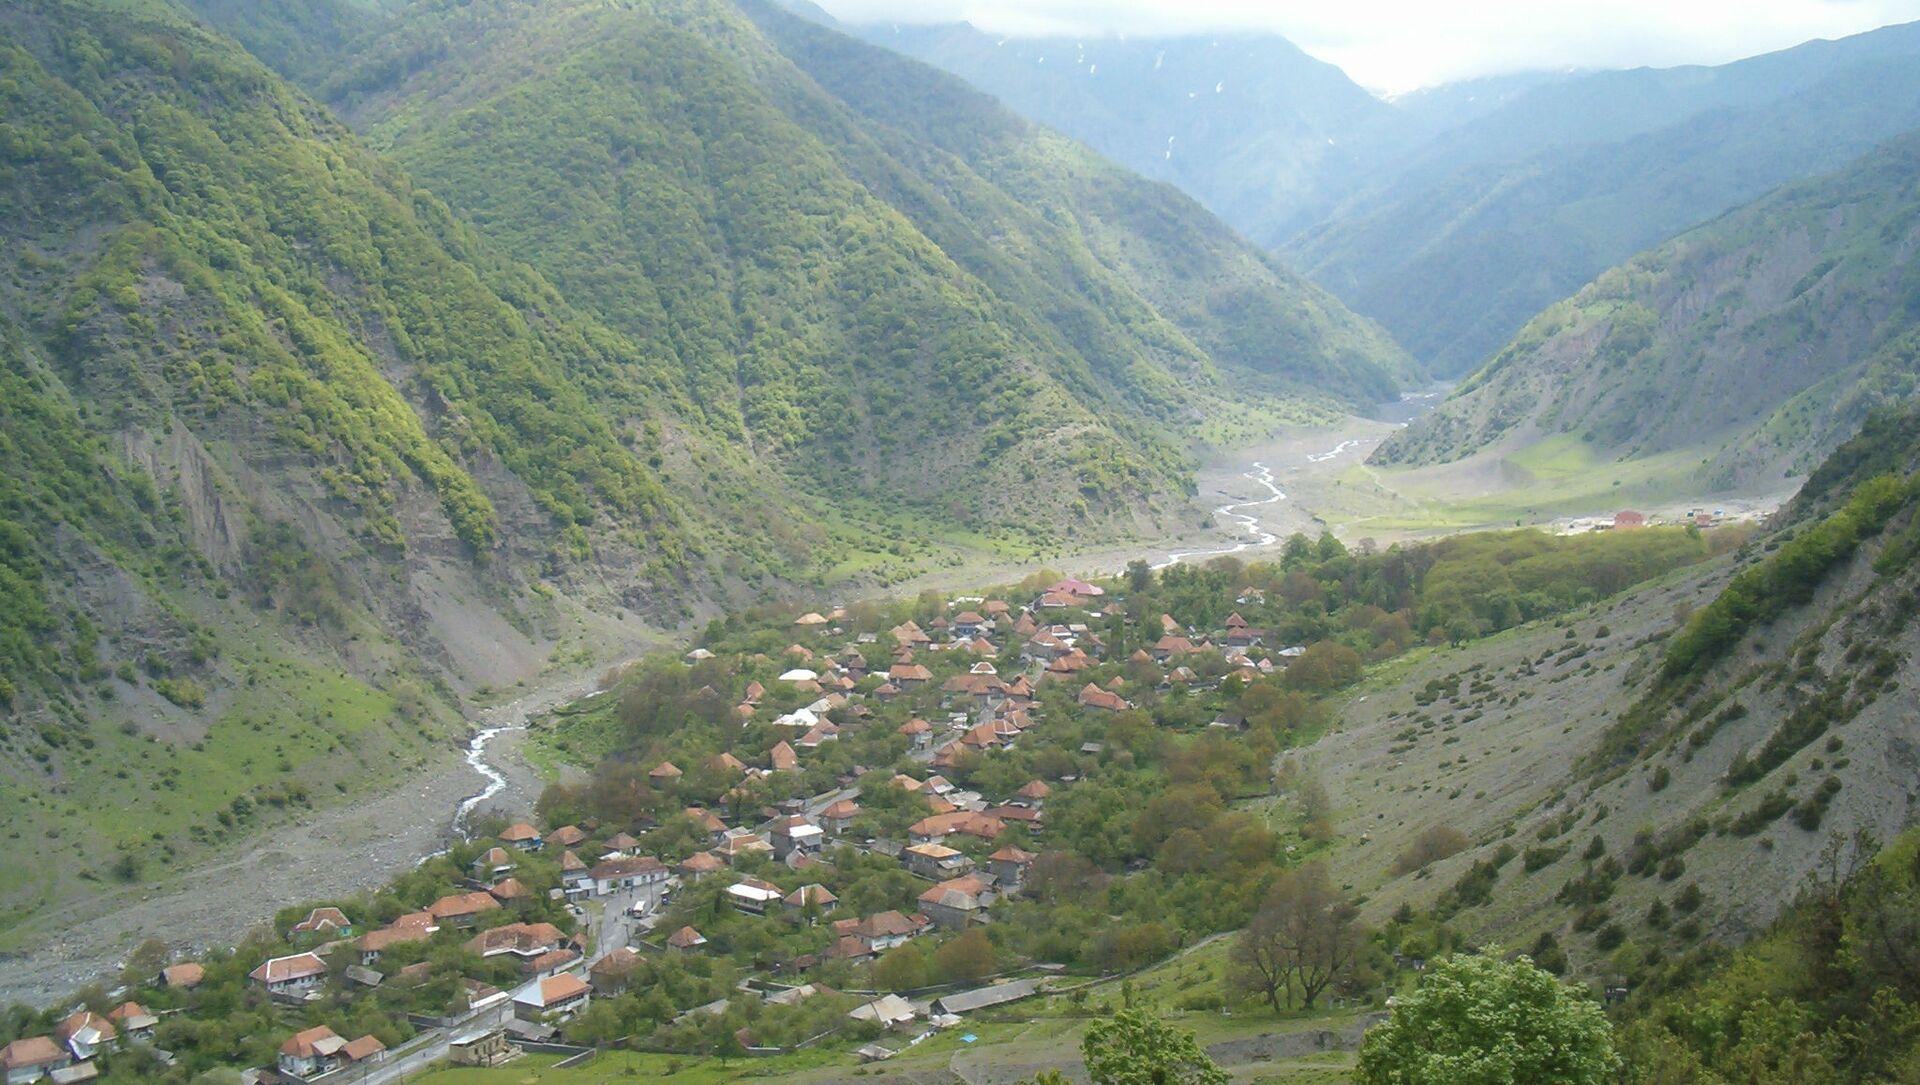 Qax rayonunun İlisu kəndinin Qalaçadan görünüşü, arxiv şəkli - Sputnik Азербайджан, 1920, 04.04.2021